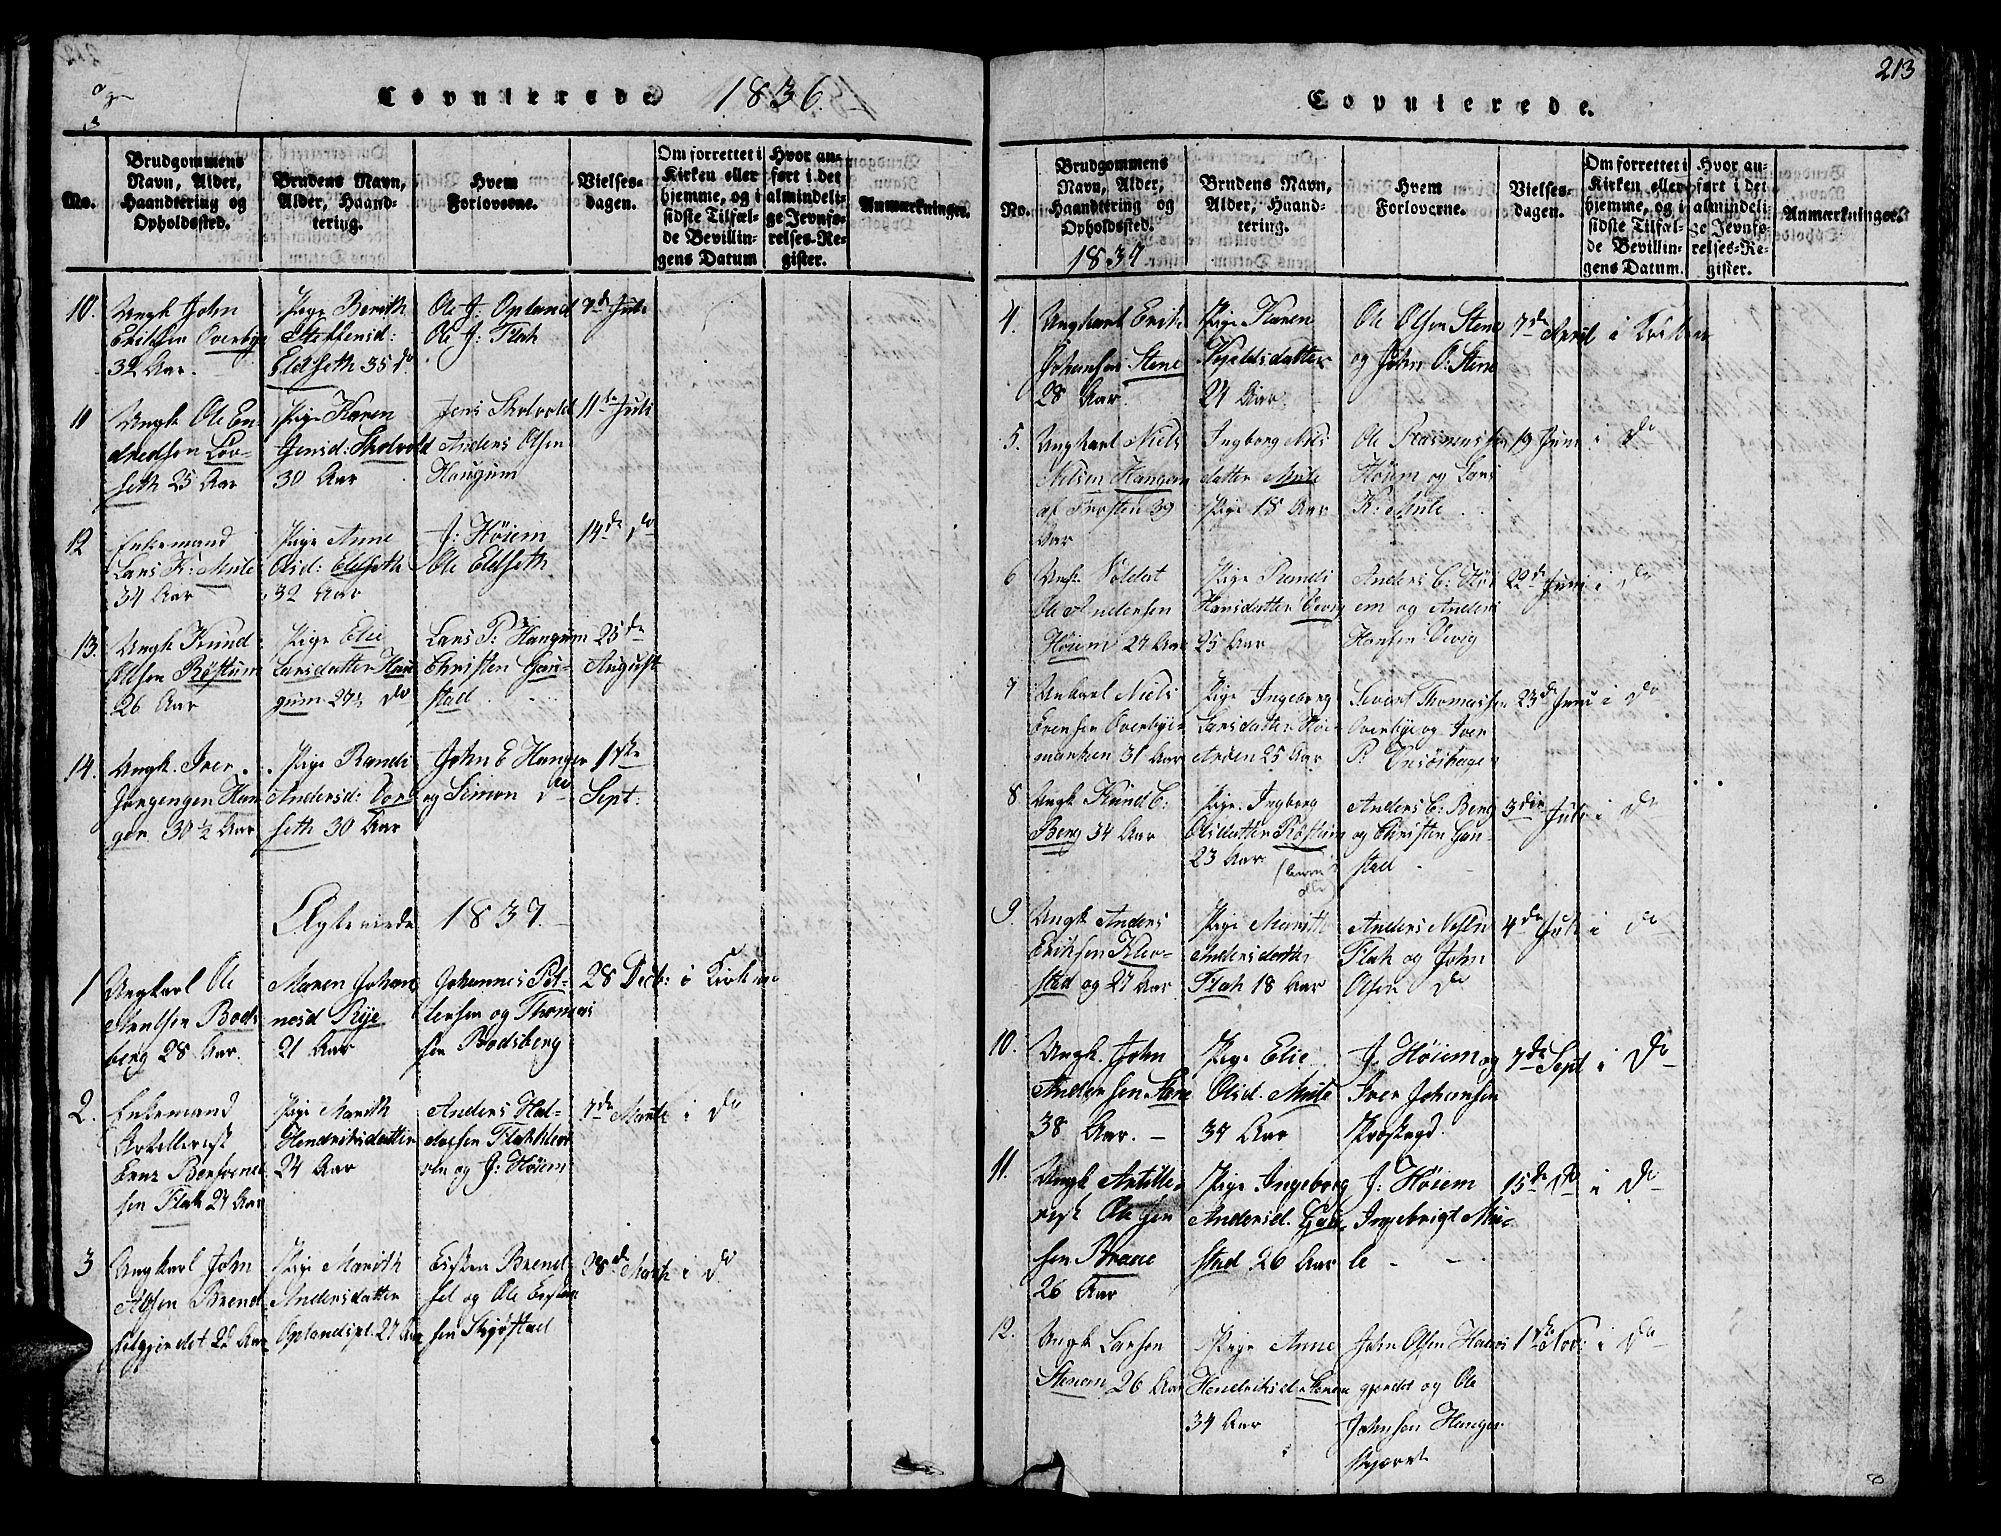 SAT, Ministerialprotokoller, klokkerbøker og fødselsregistre - Sør-Trøndelag, 612/L0385: Klokkerbok nr. 612C01, 1816-1845, s. 213